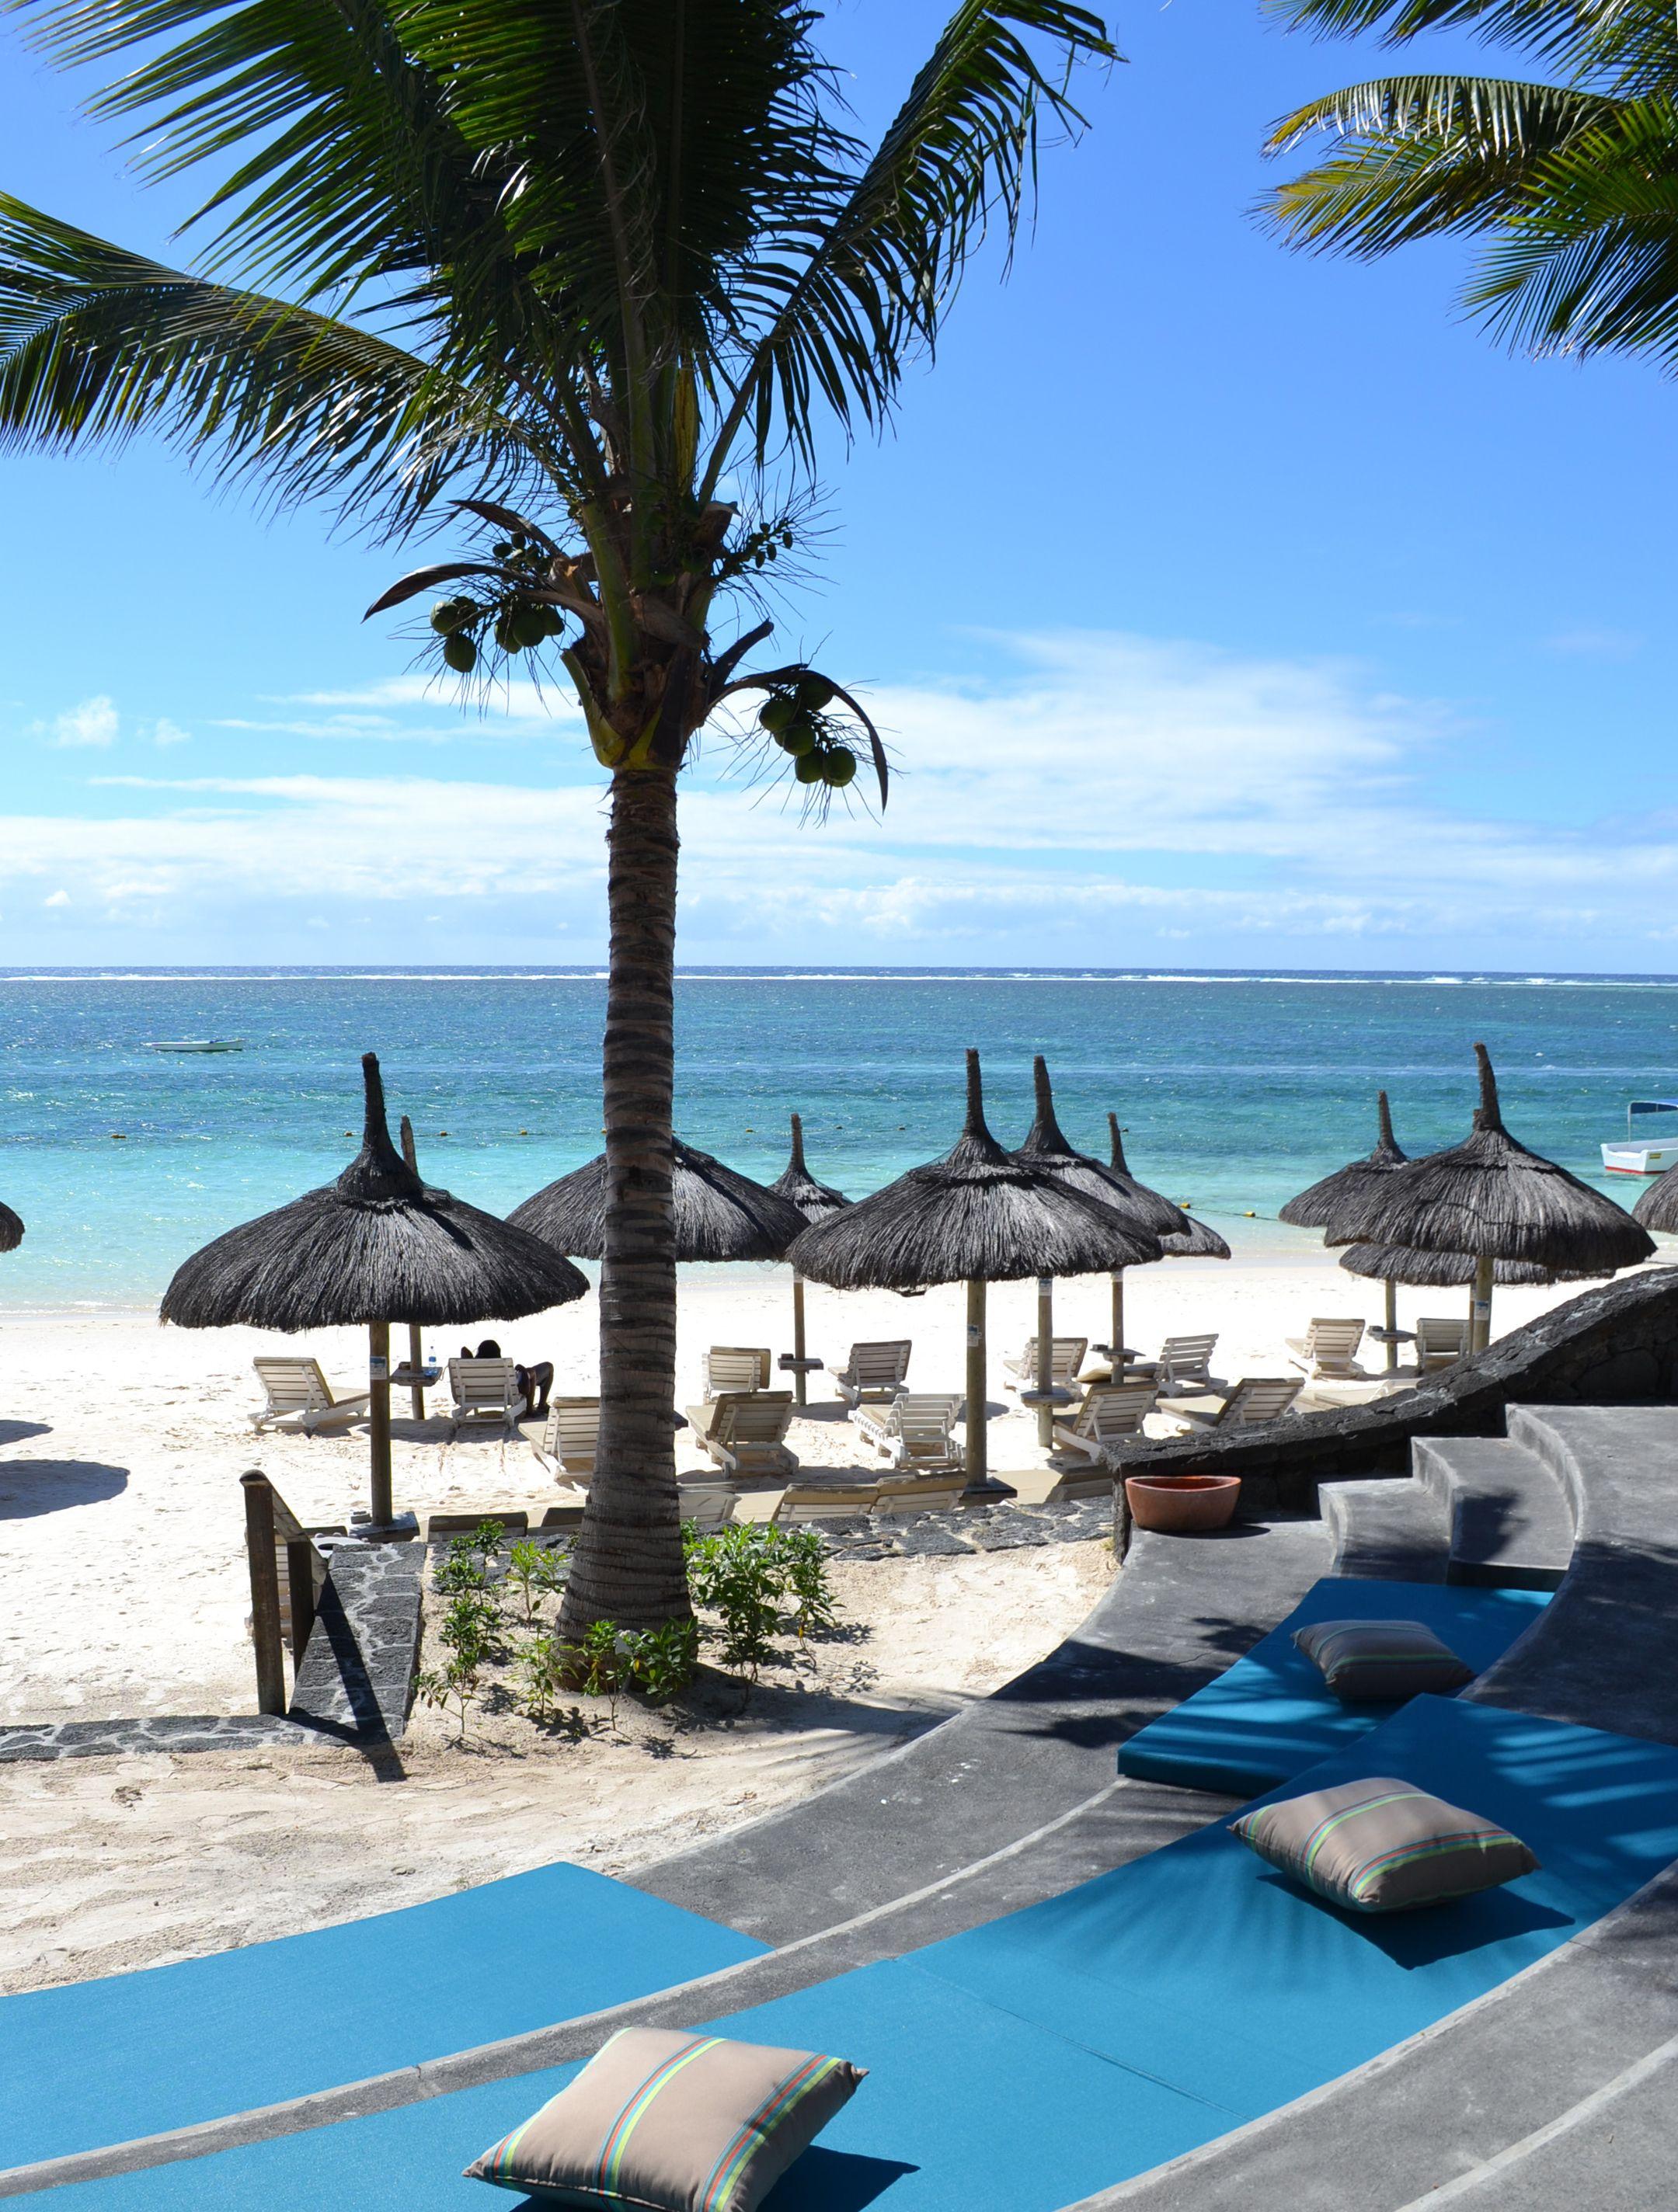 Veranda Palmar Beach, Mauritius | Us honeymoon destinations, Palmar beach, Dream honeymoon